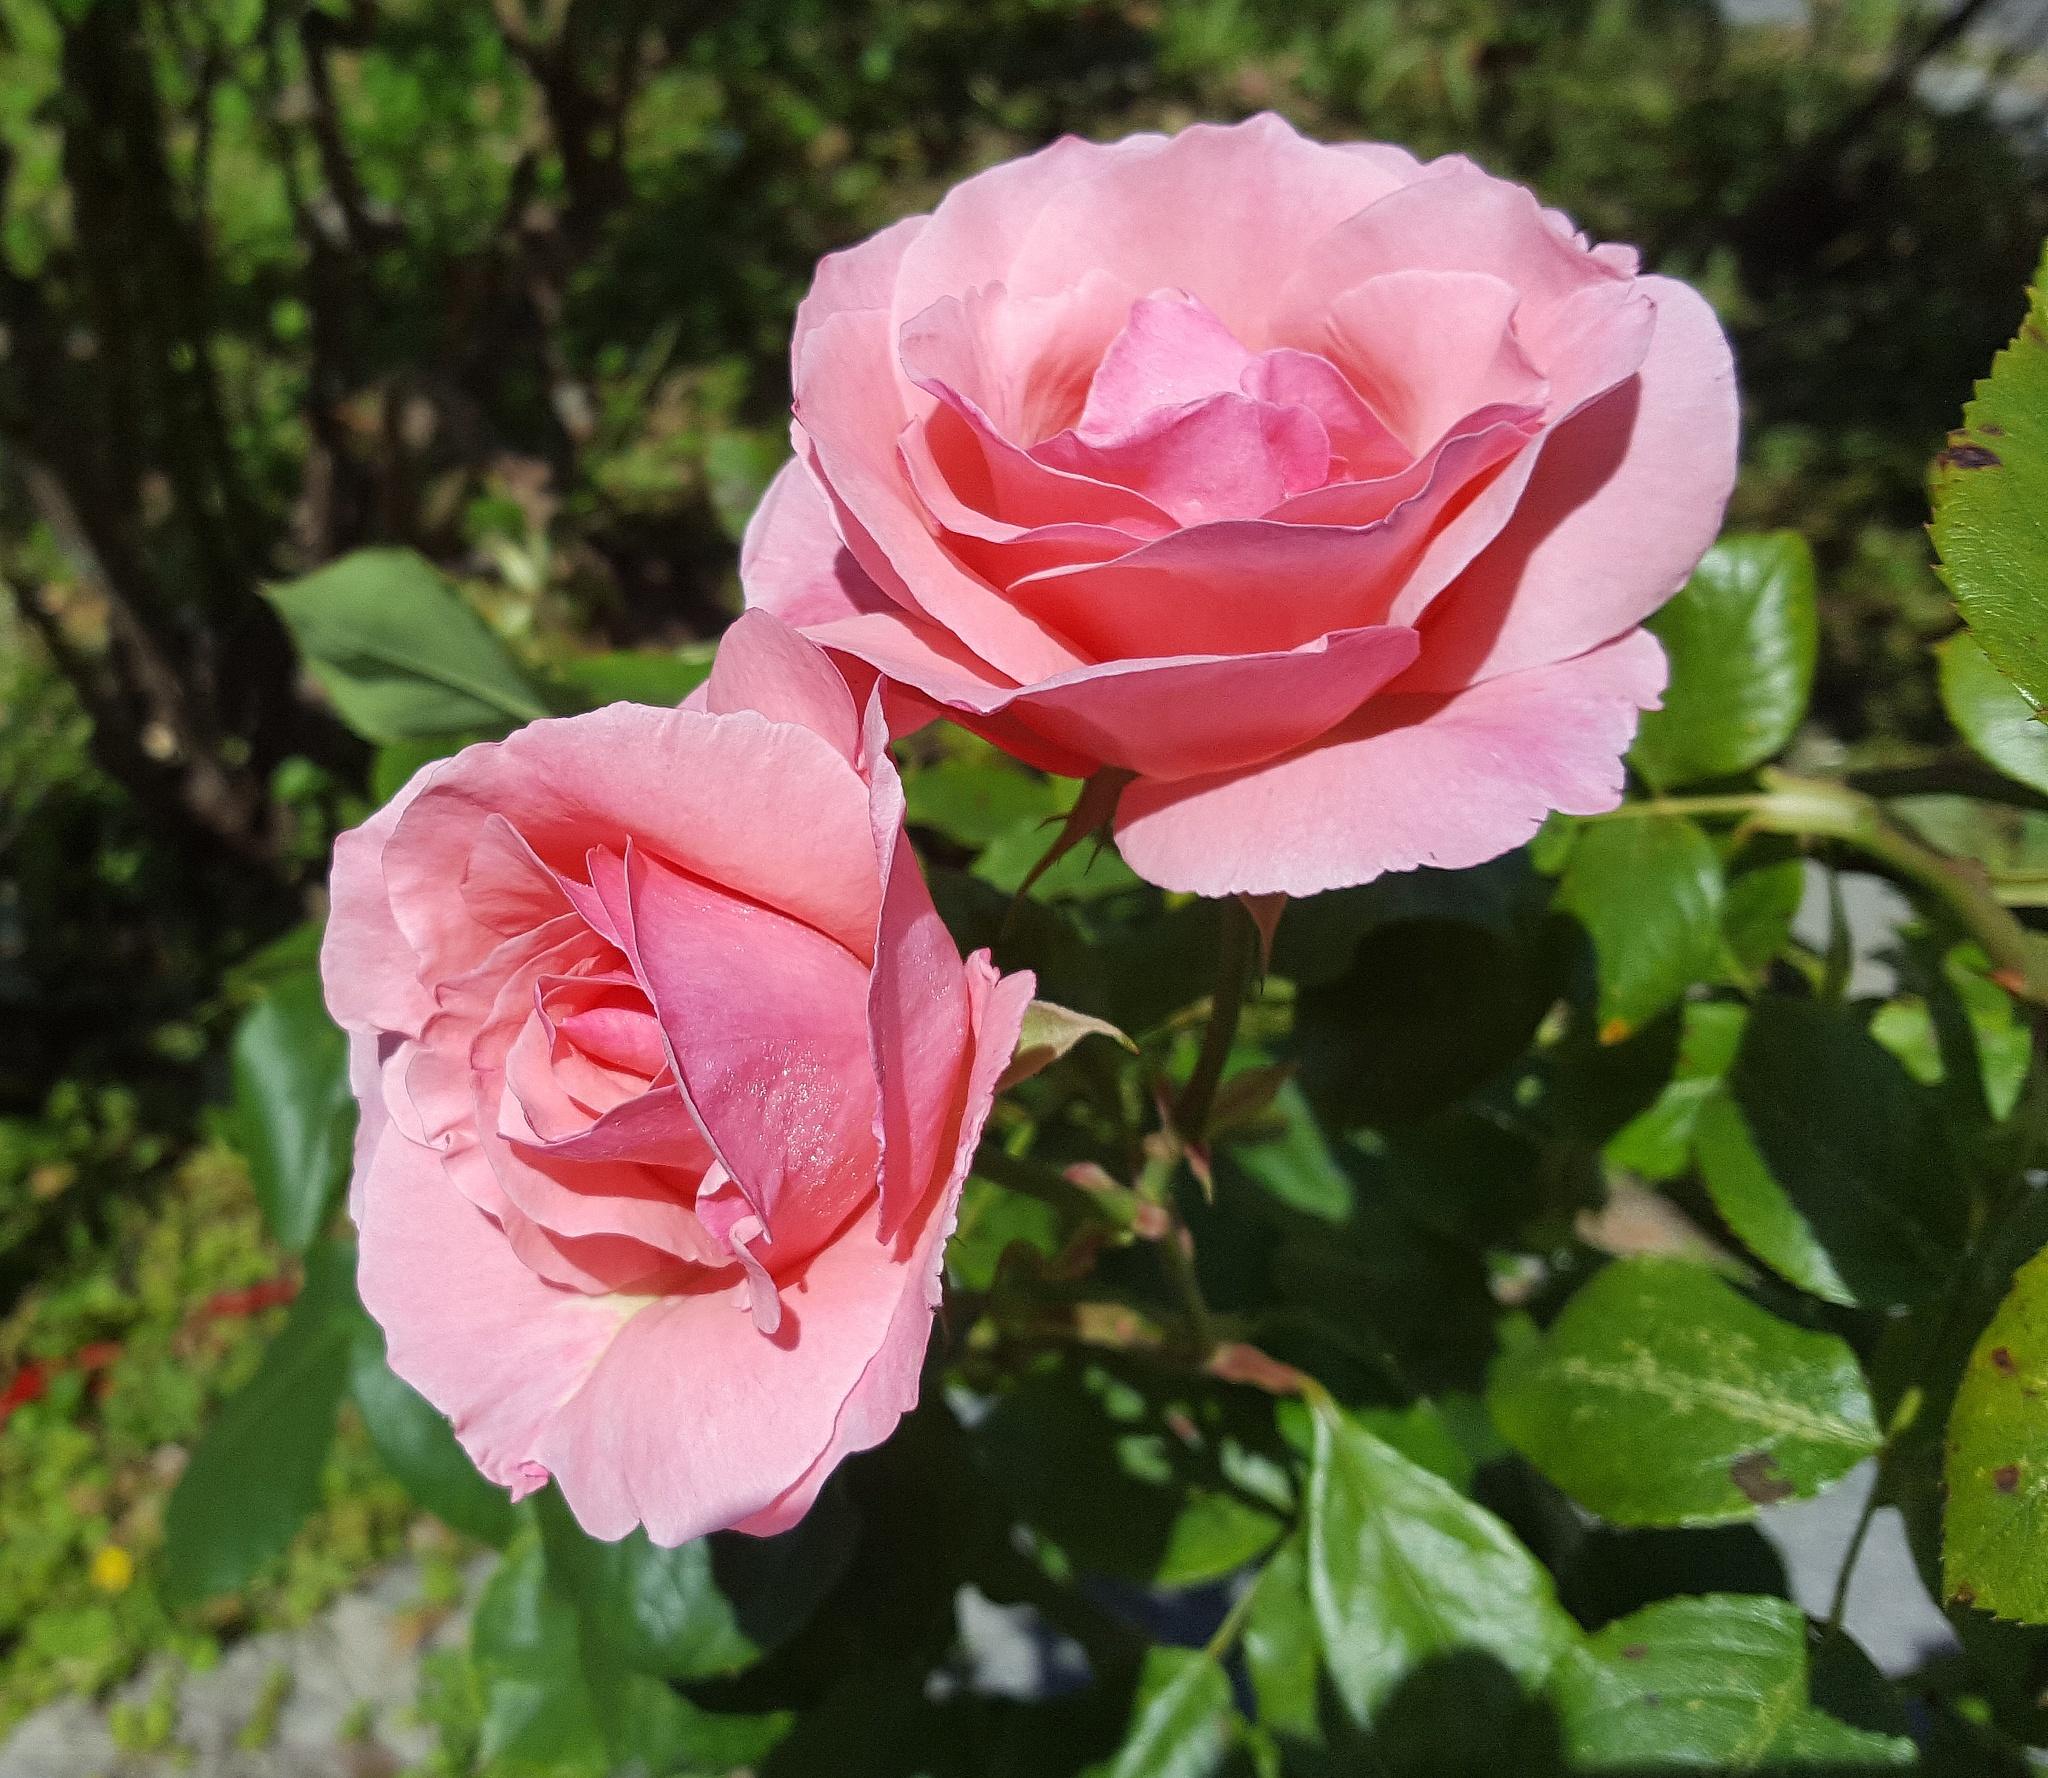 2016.06.05_ 01. Vrtnica by zvnktomasevic